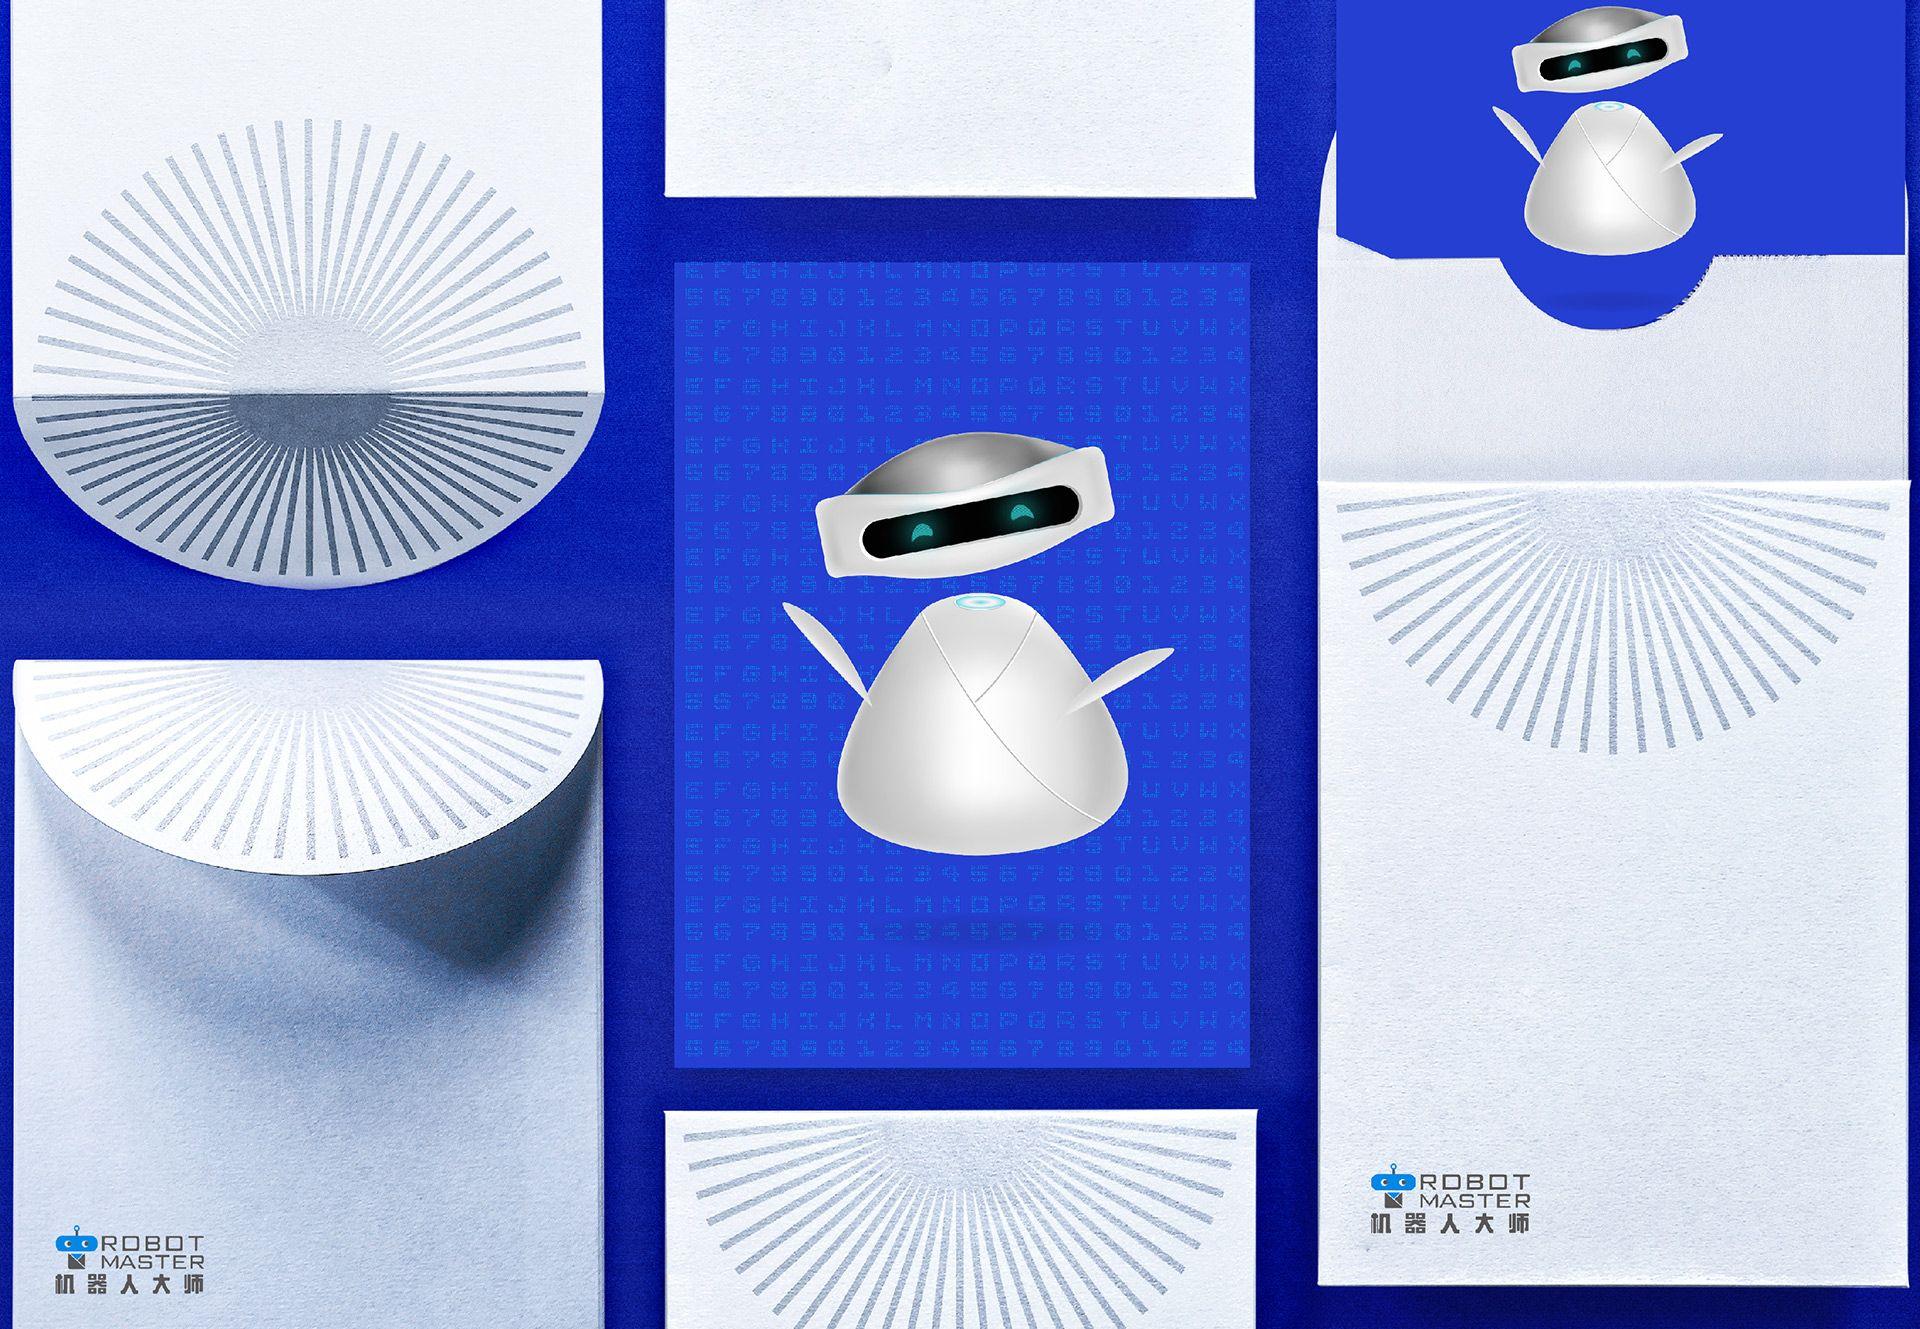 机器人大师品牌-11.jpg